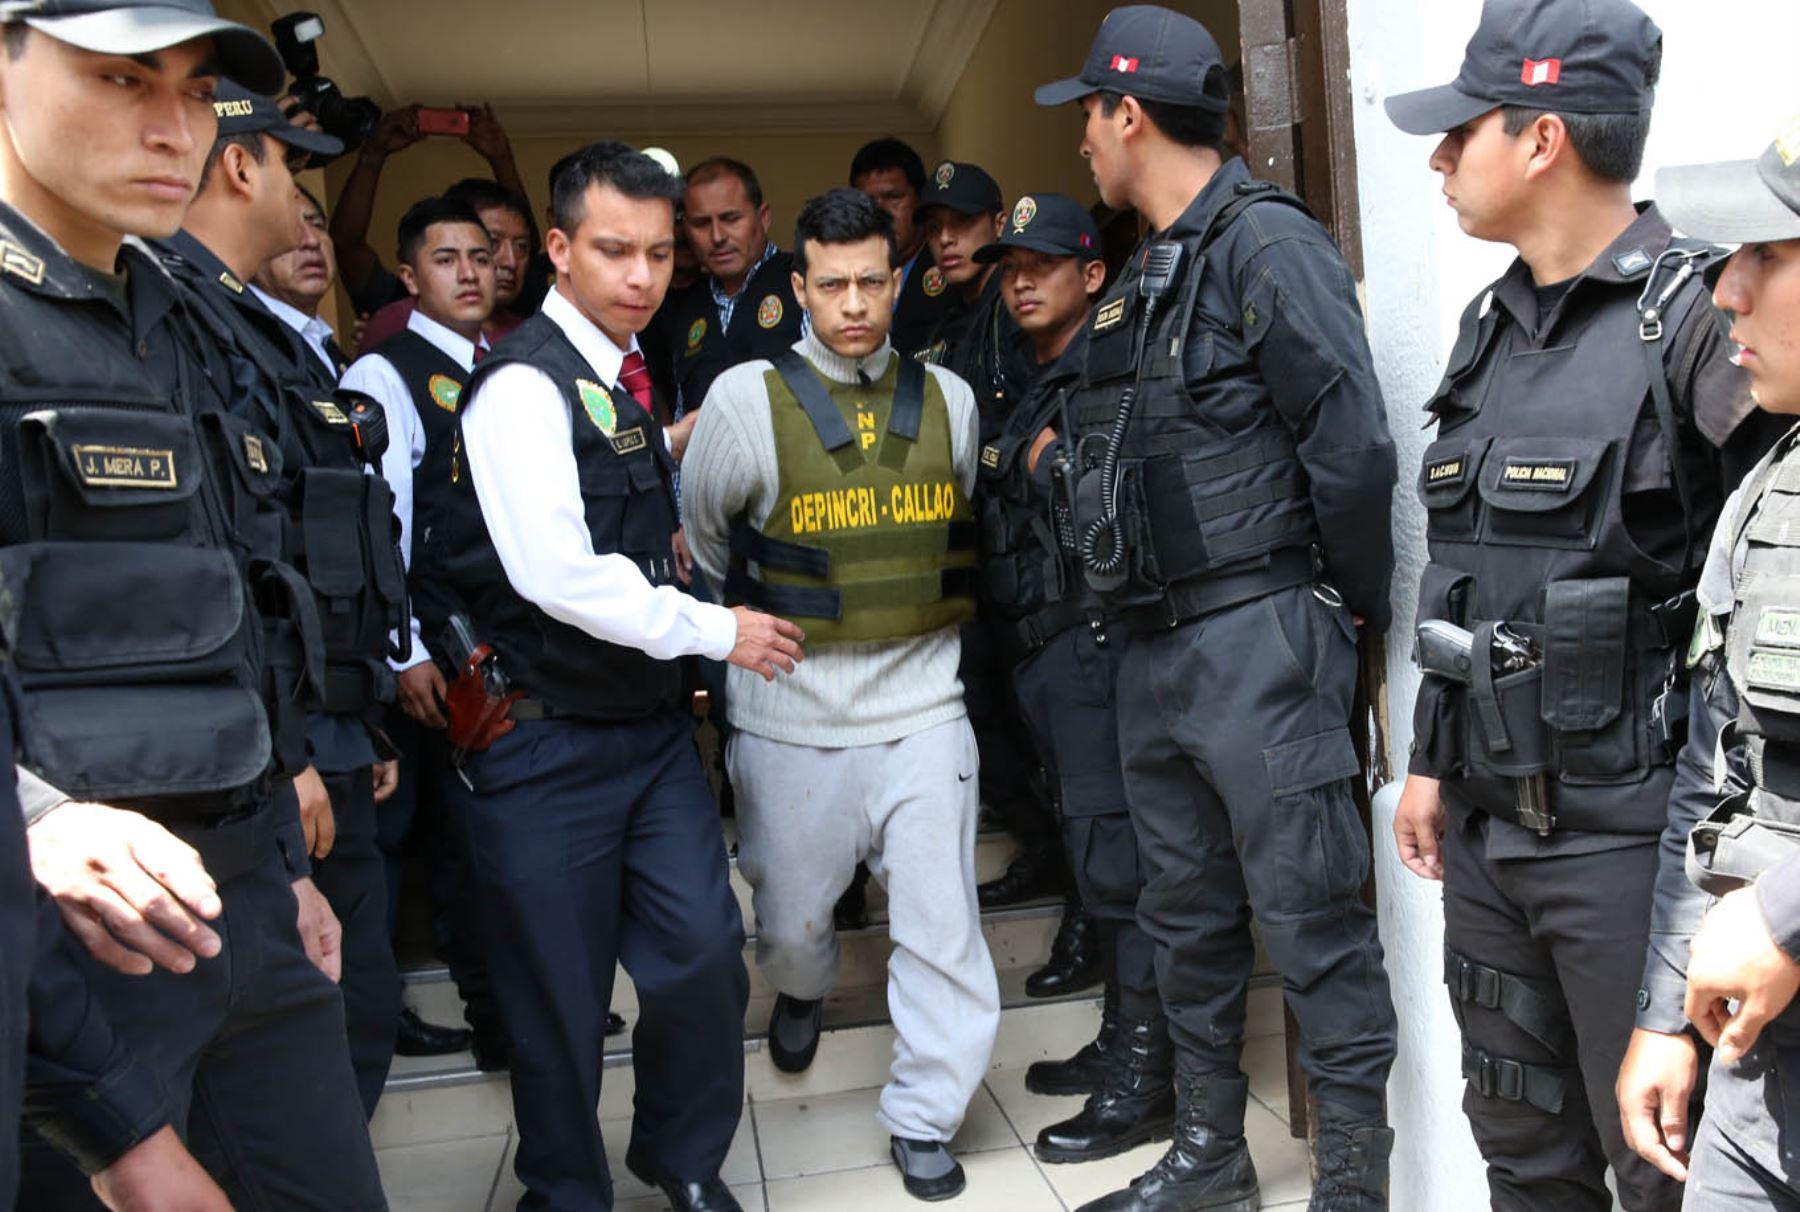 Poder Judicial dicta prisión preventiva para peligroso delincuente ...